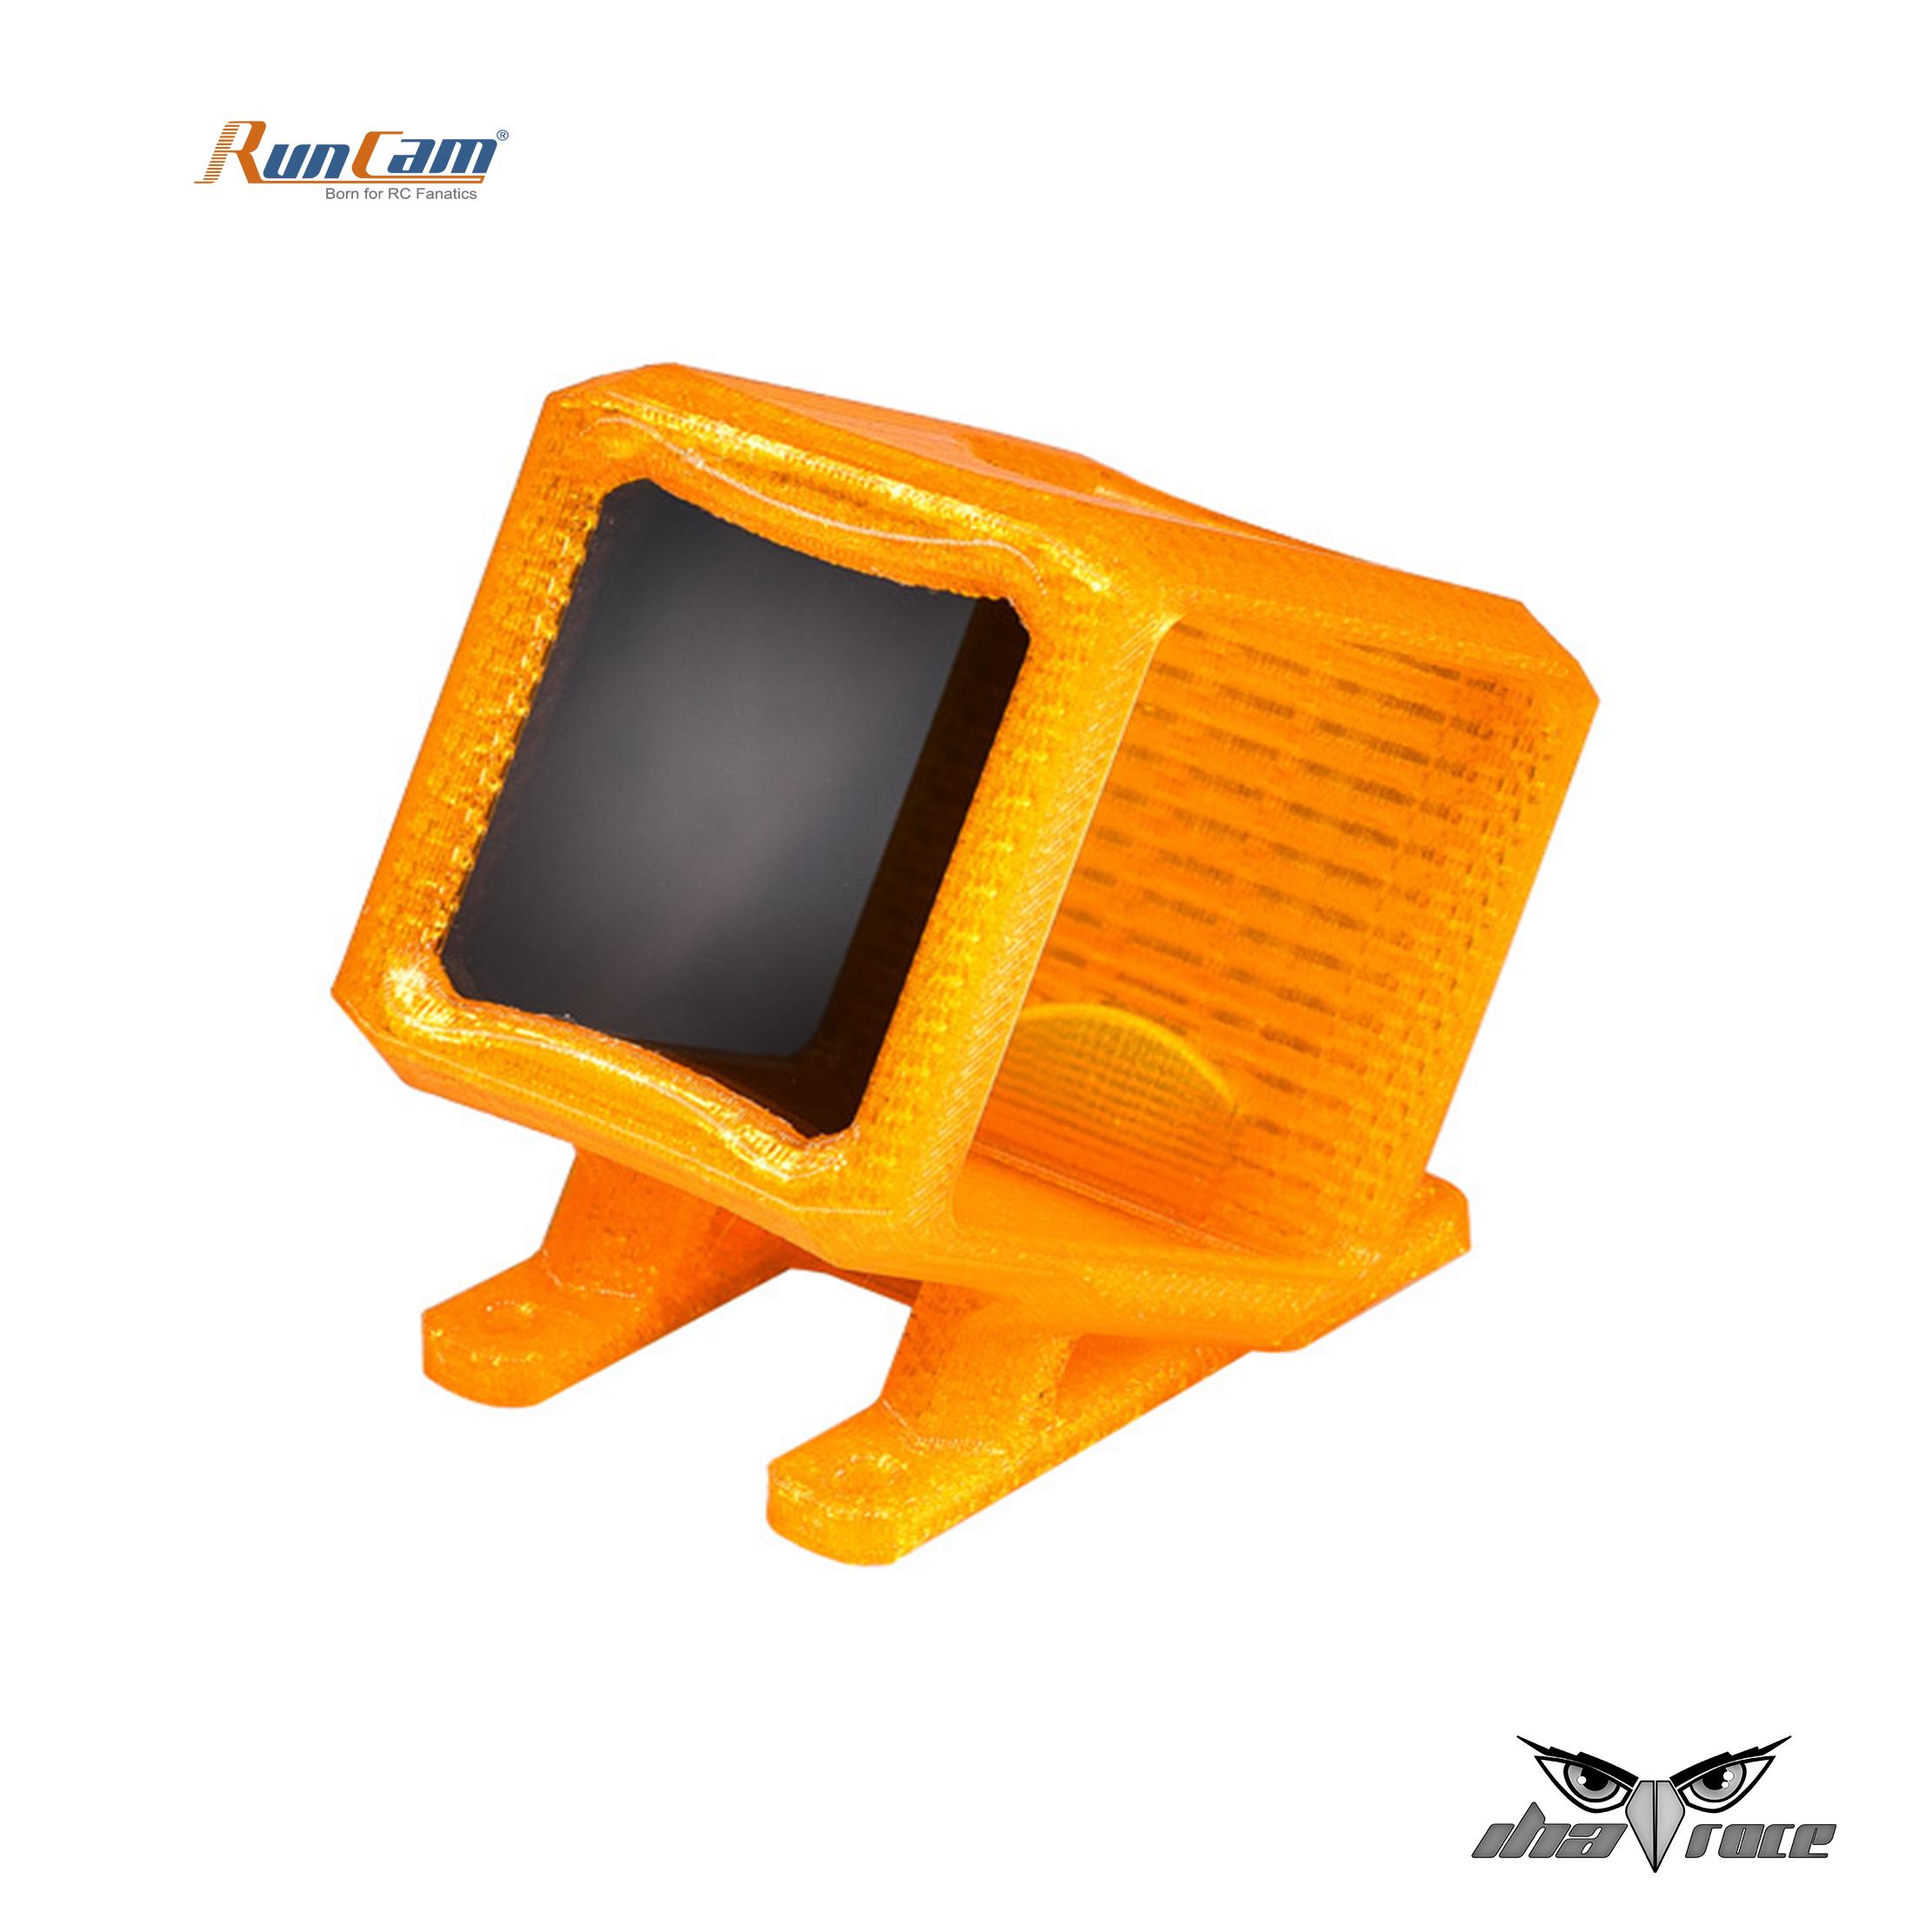 Montaje impreso en 3D RUNCAM5 TPU con filtro ND8